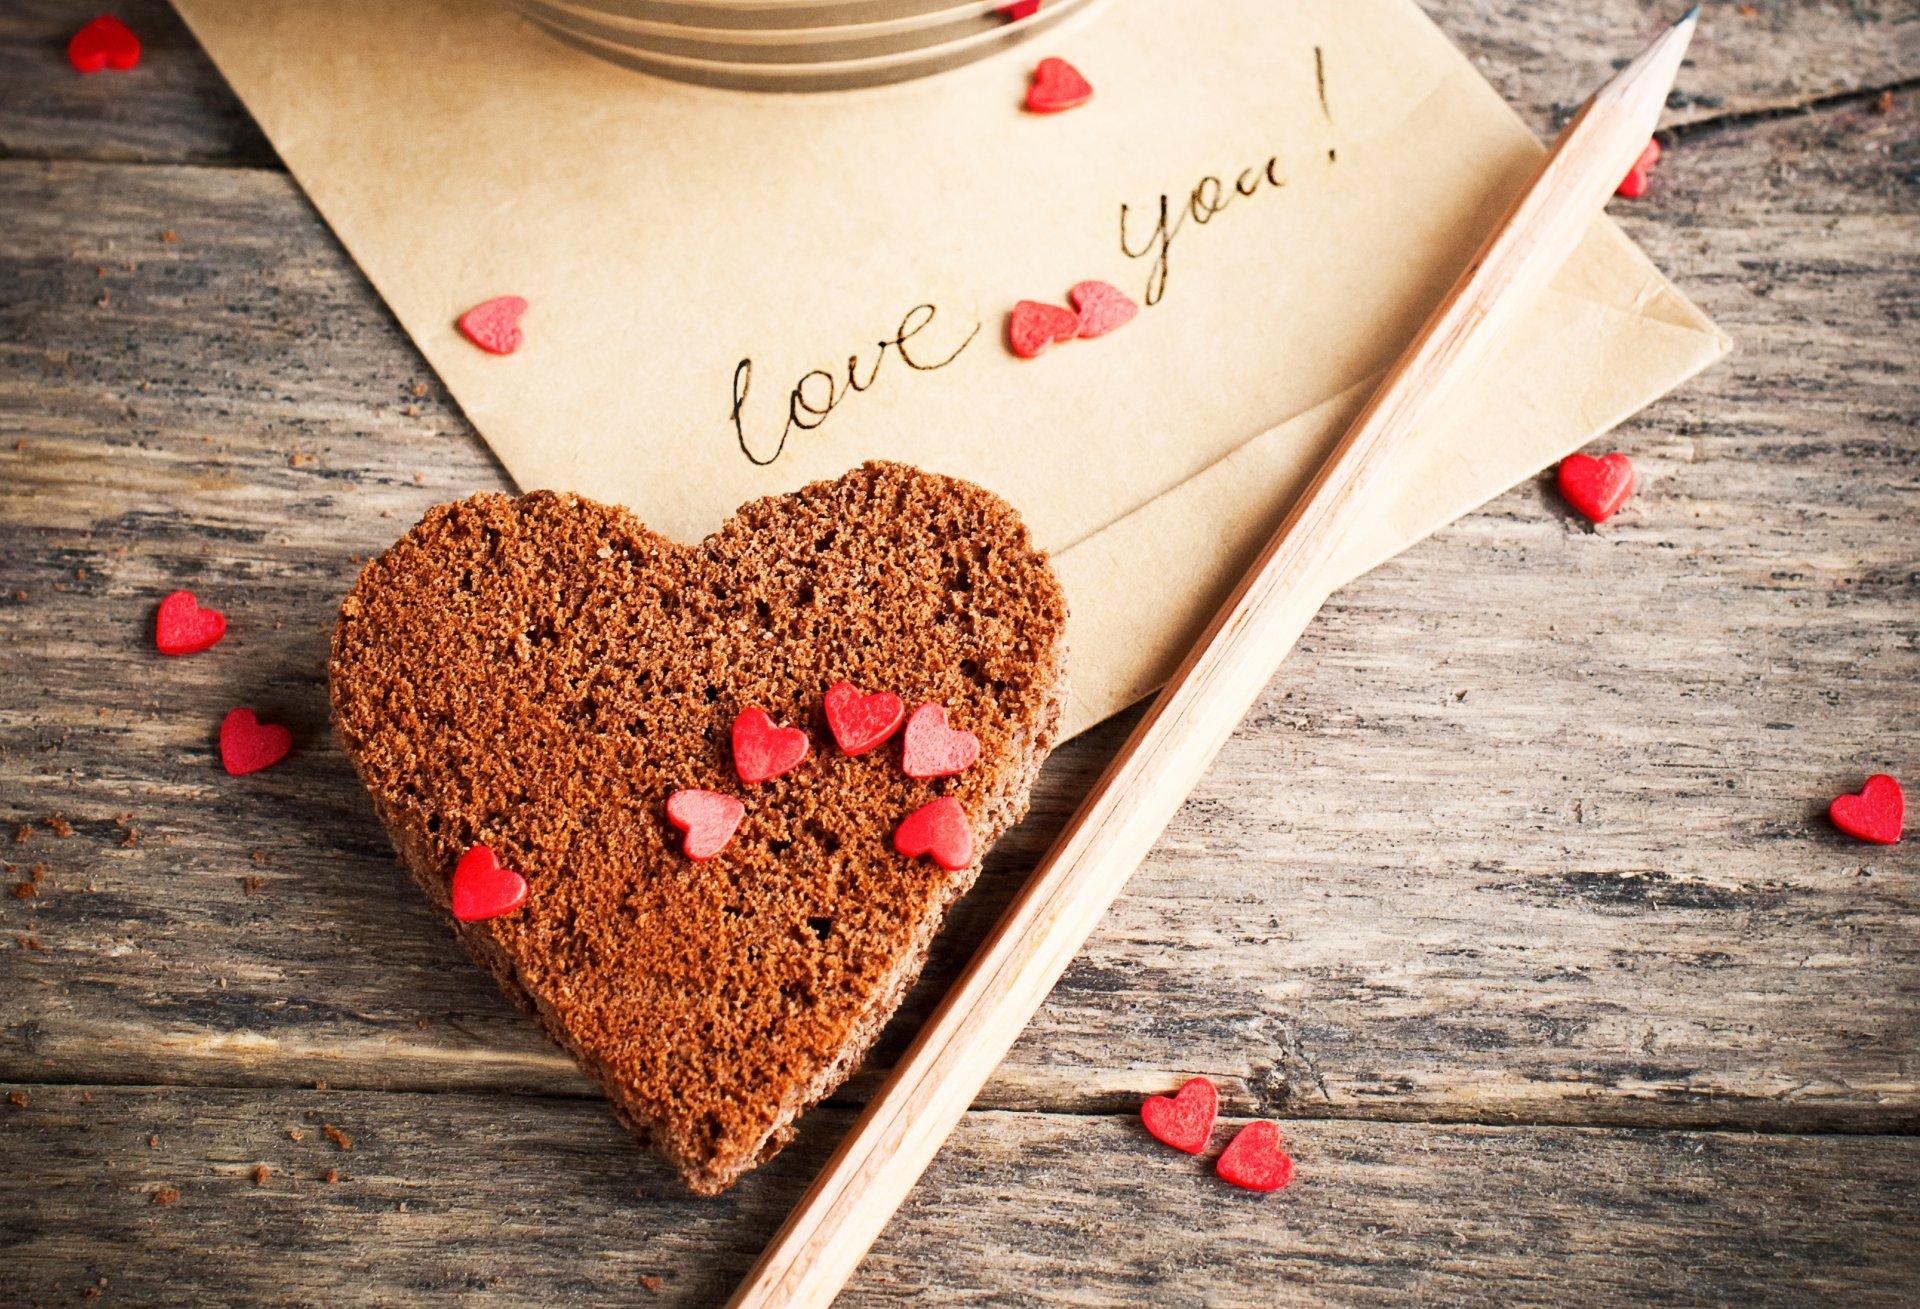 Необычные открытки про любовь, картинки черный копатель